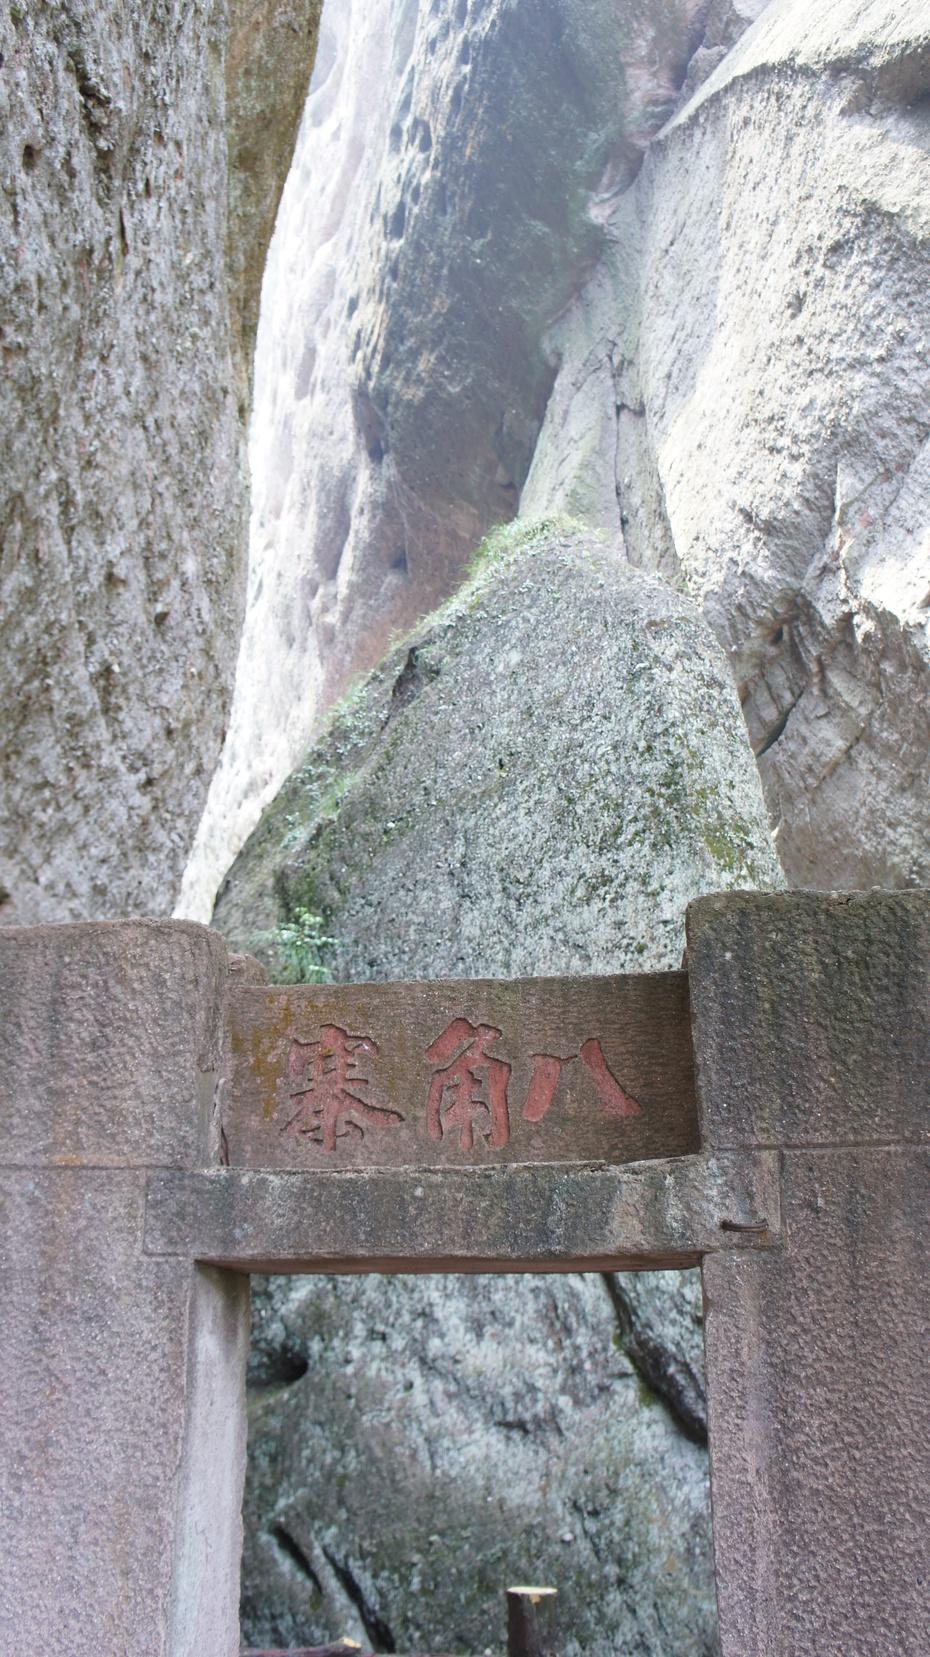 世界丹霞之魂——桂林资源八角寨 - 余昌国 - 我的博客